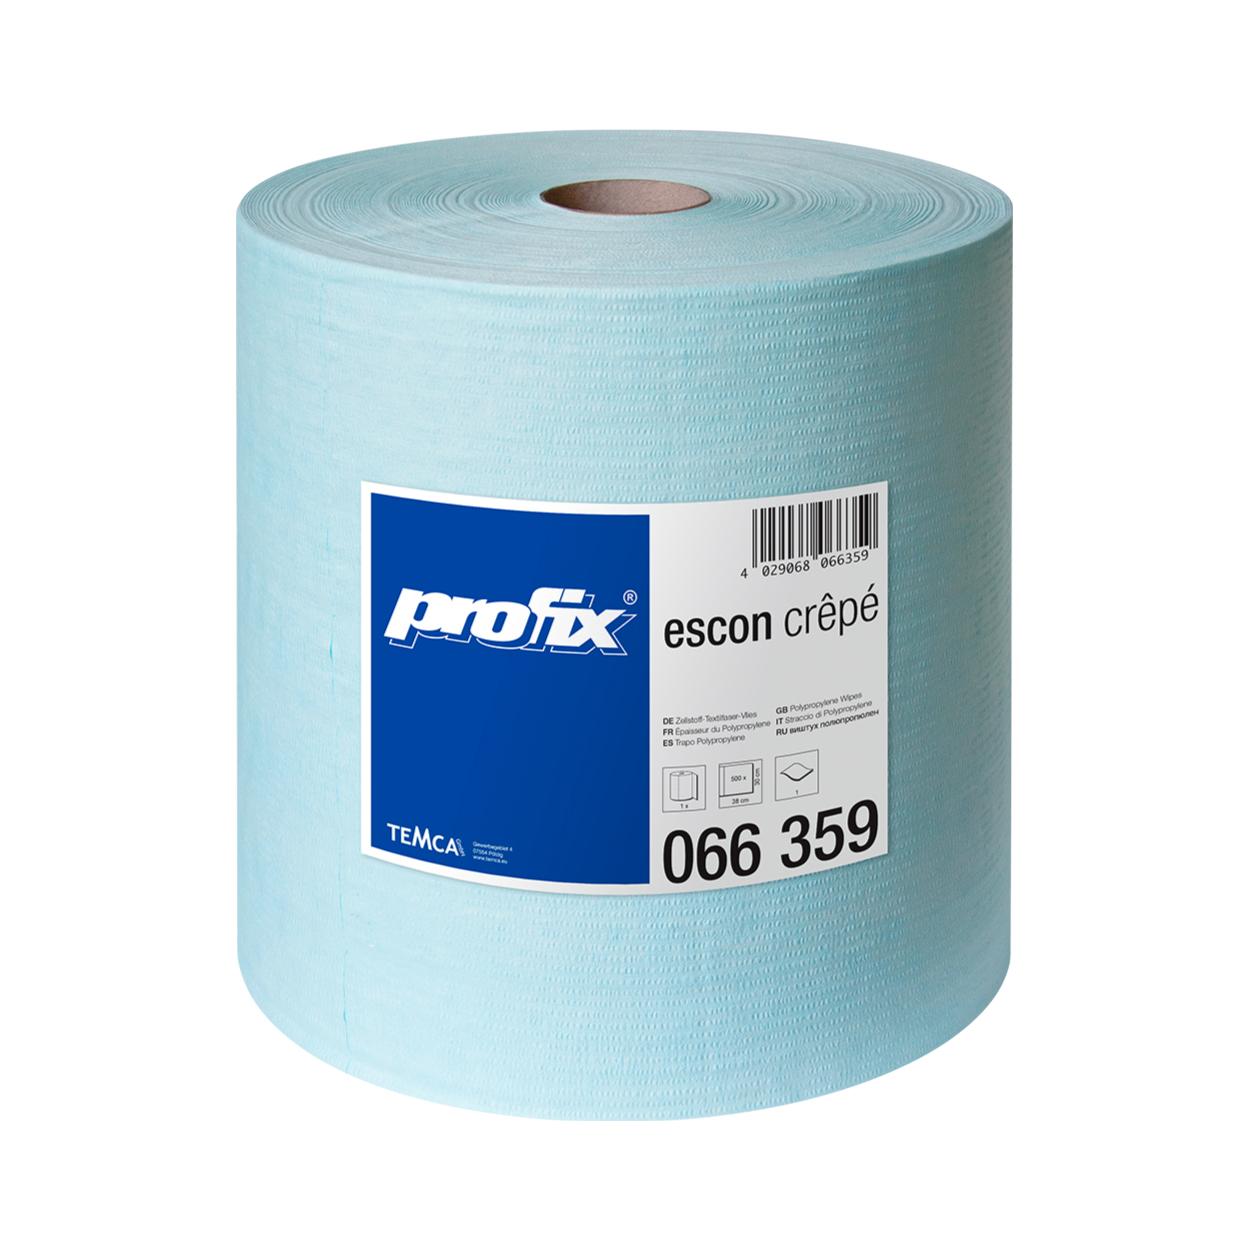 Průmyslová textilní utěrka PROTEXT CREPE, v roli